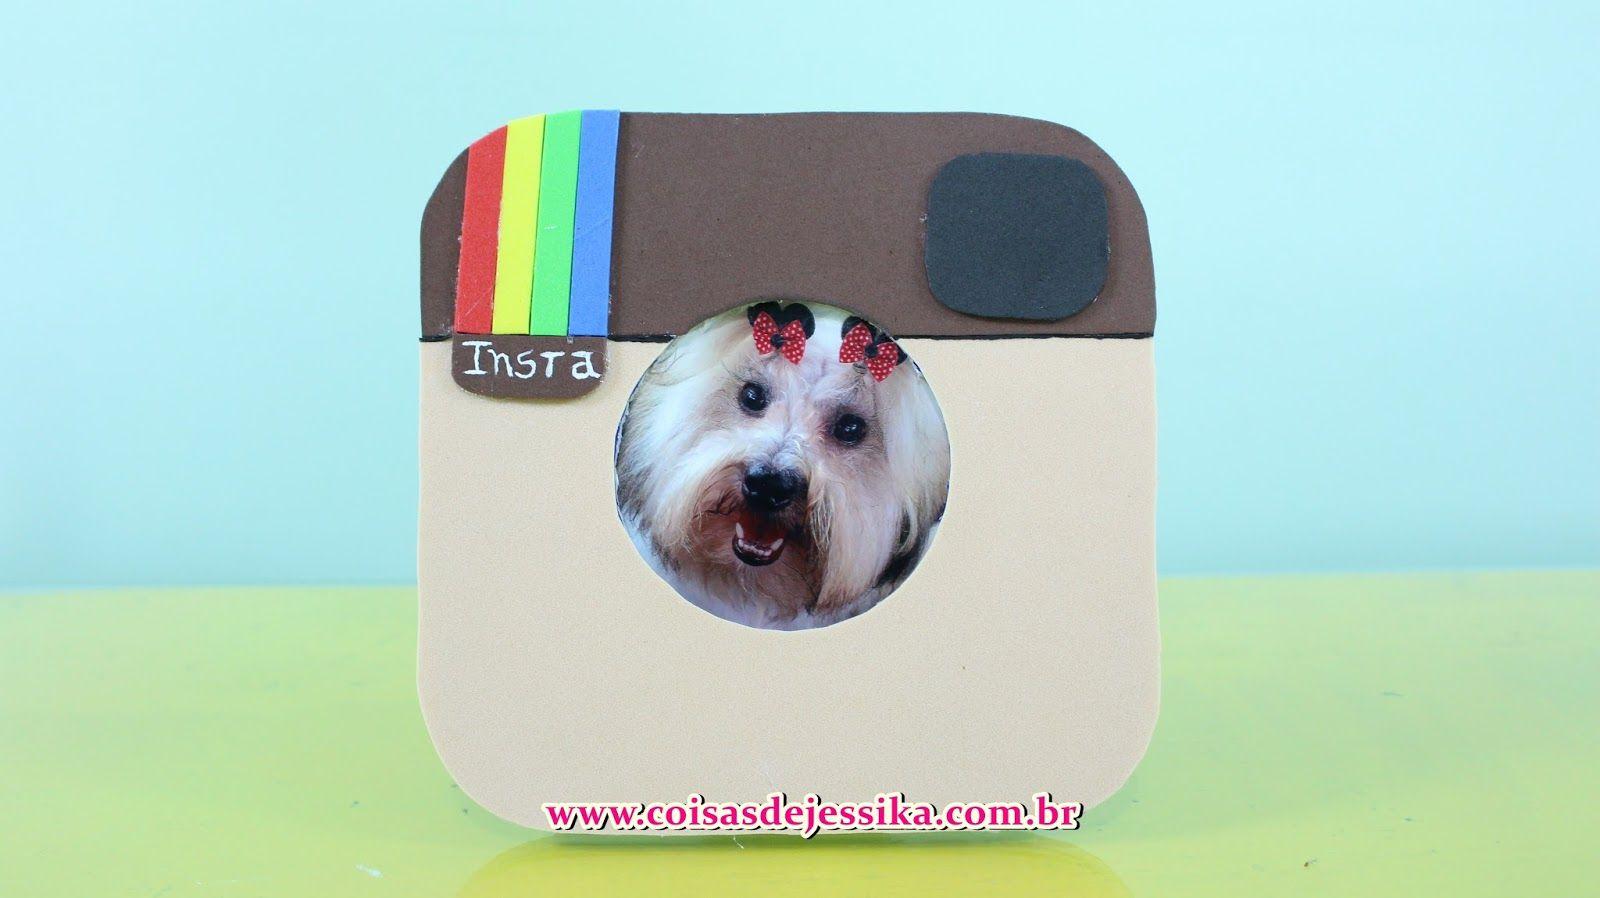 Coisas de Jessika: Porta Retrato Instagram - Faça você mesma